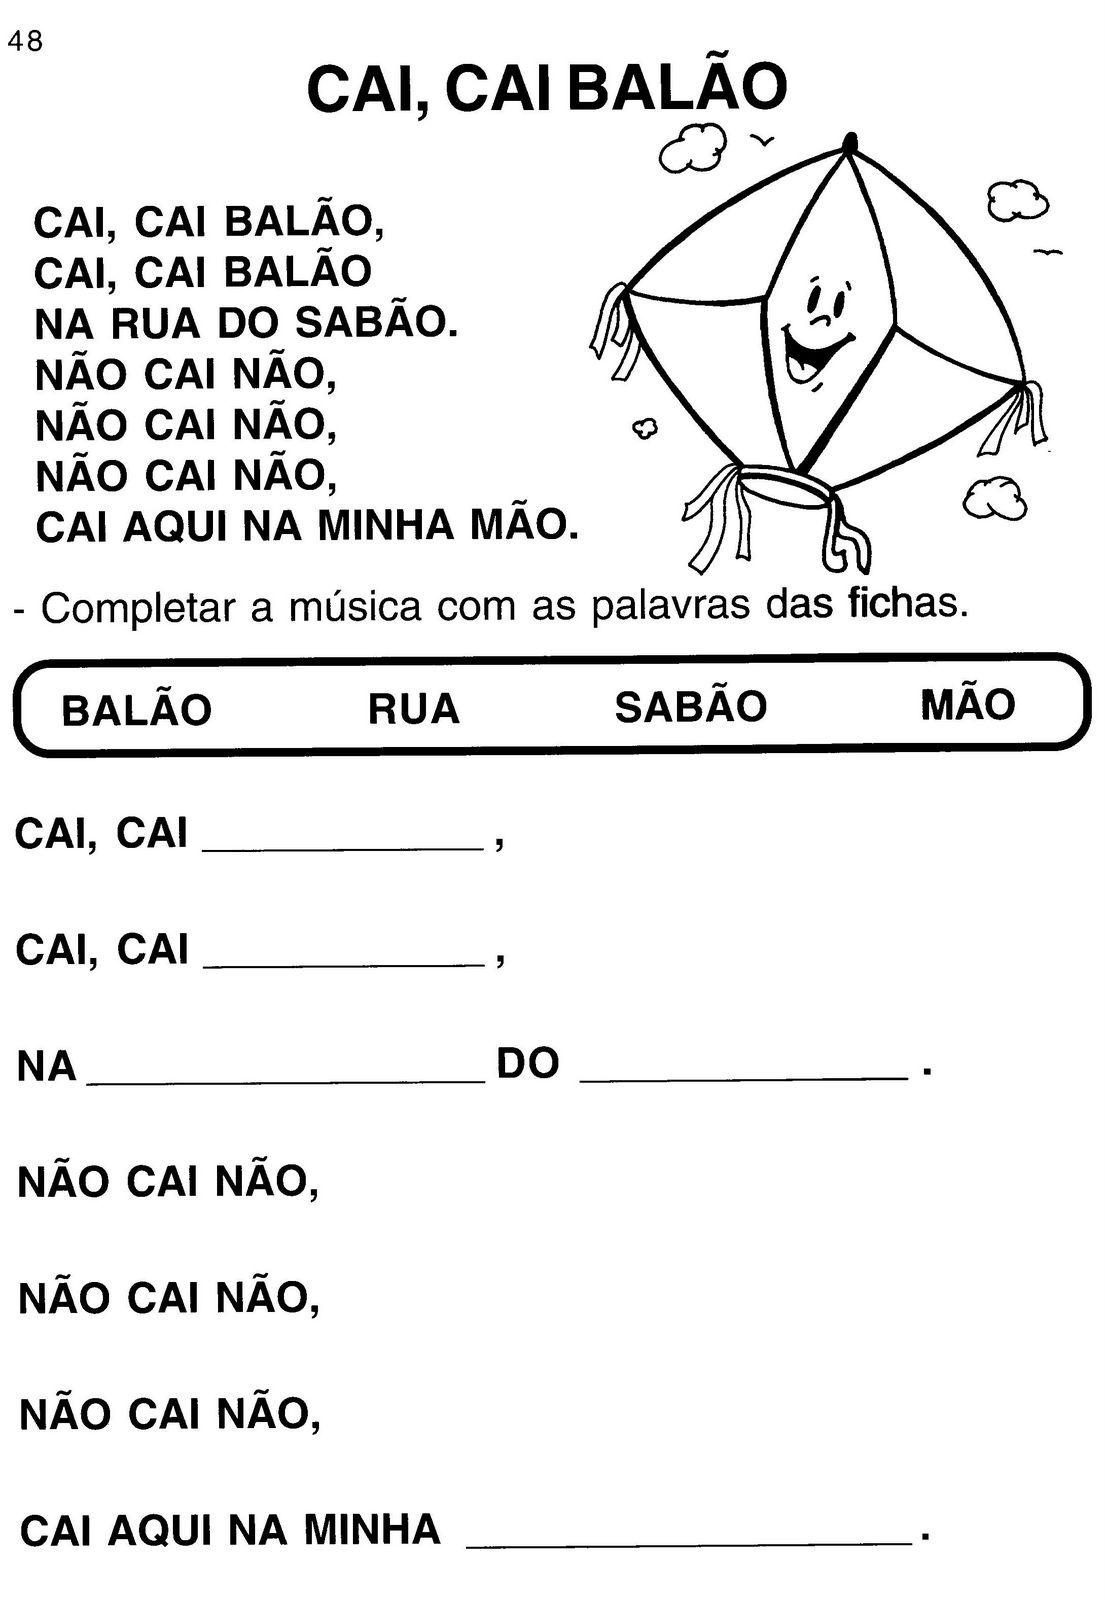 Extremamente www.canal-educar.net: CAI CAI BALÃO FL13